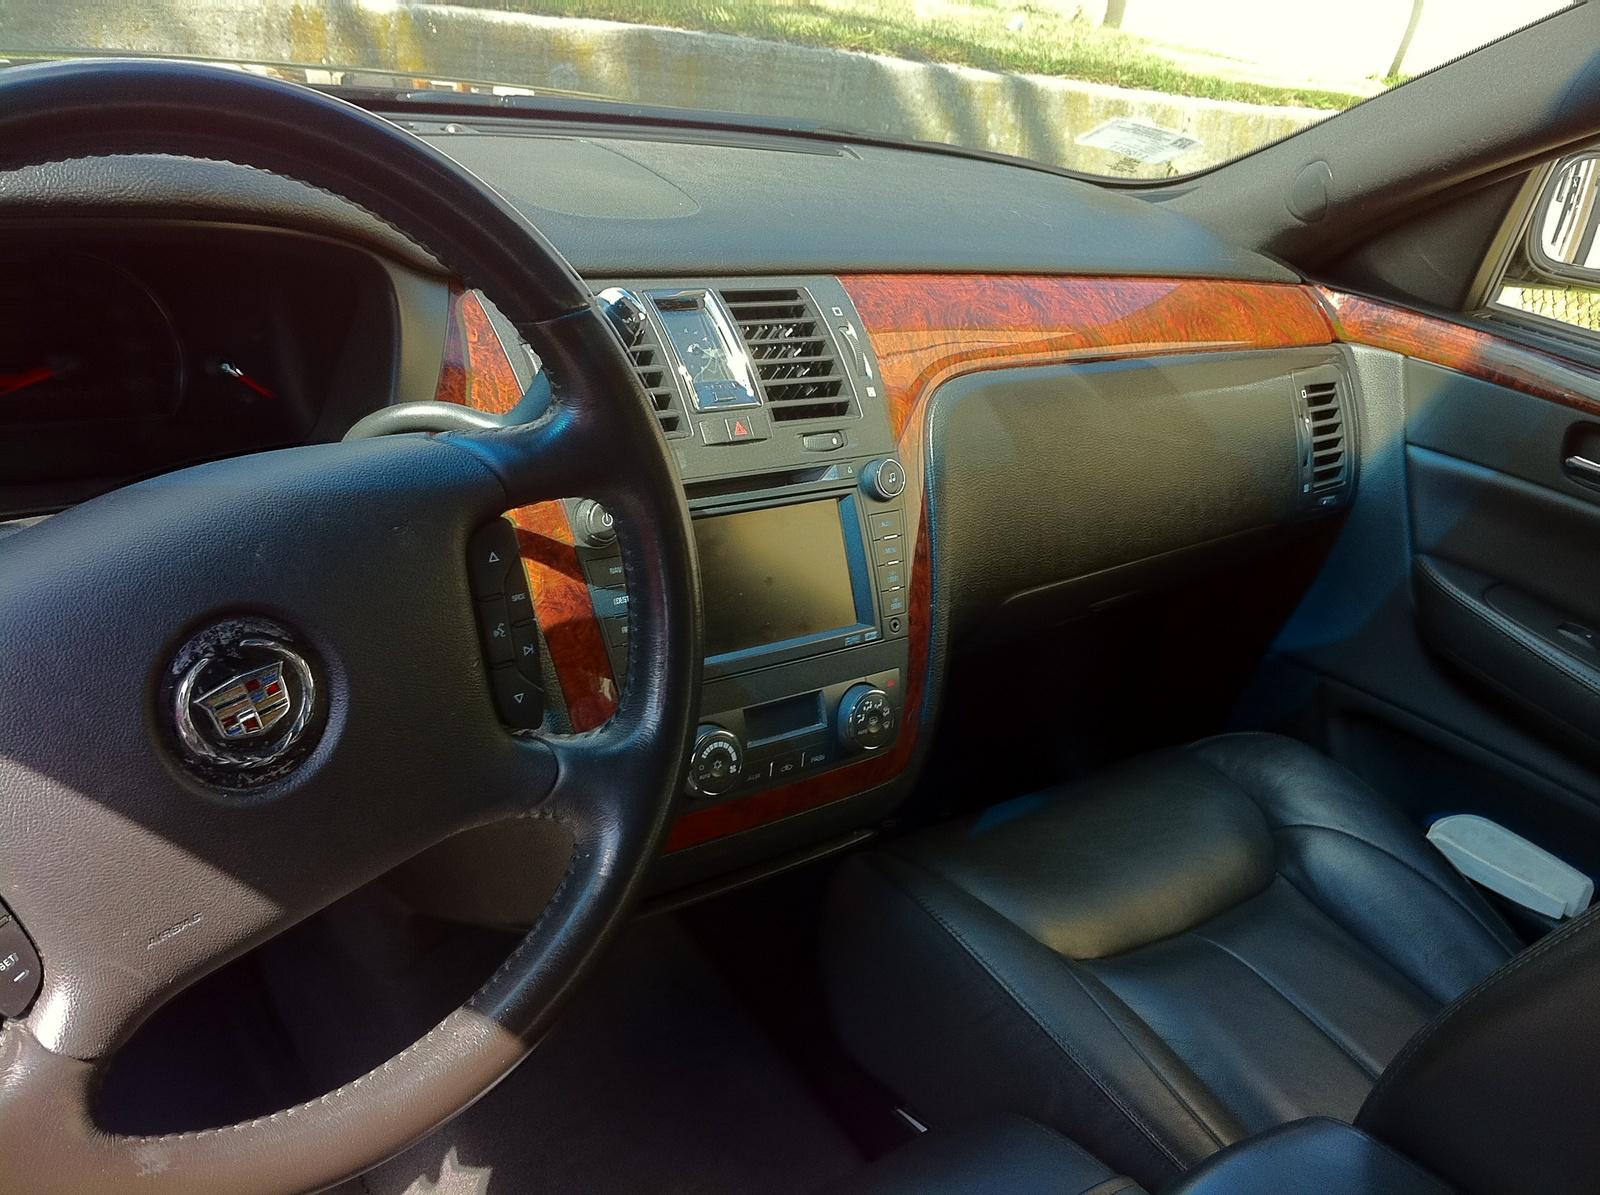 2007 Cadillac DTS - Interior Pictures - CarGurus